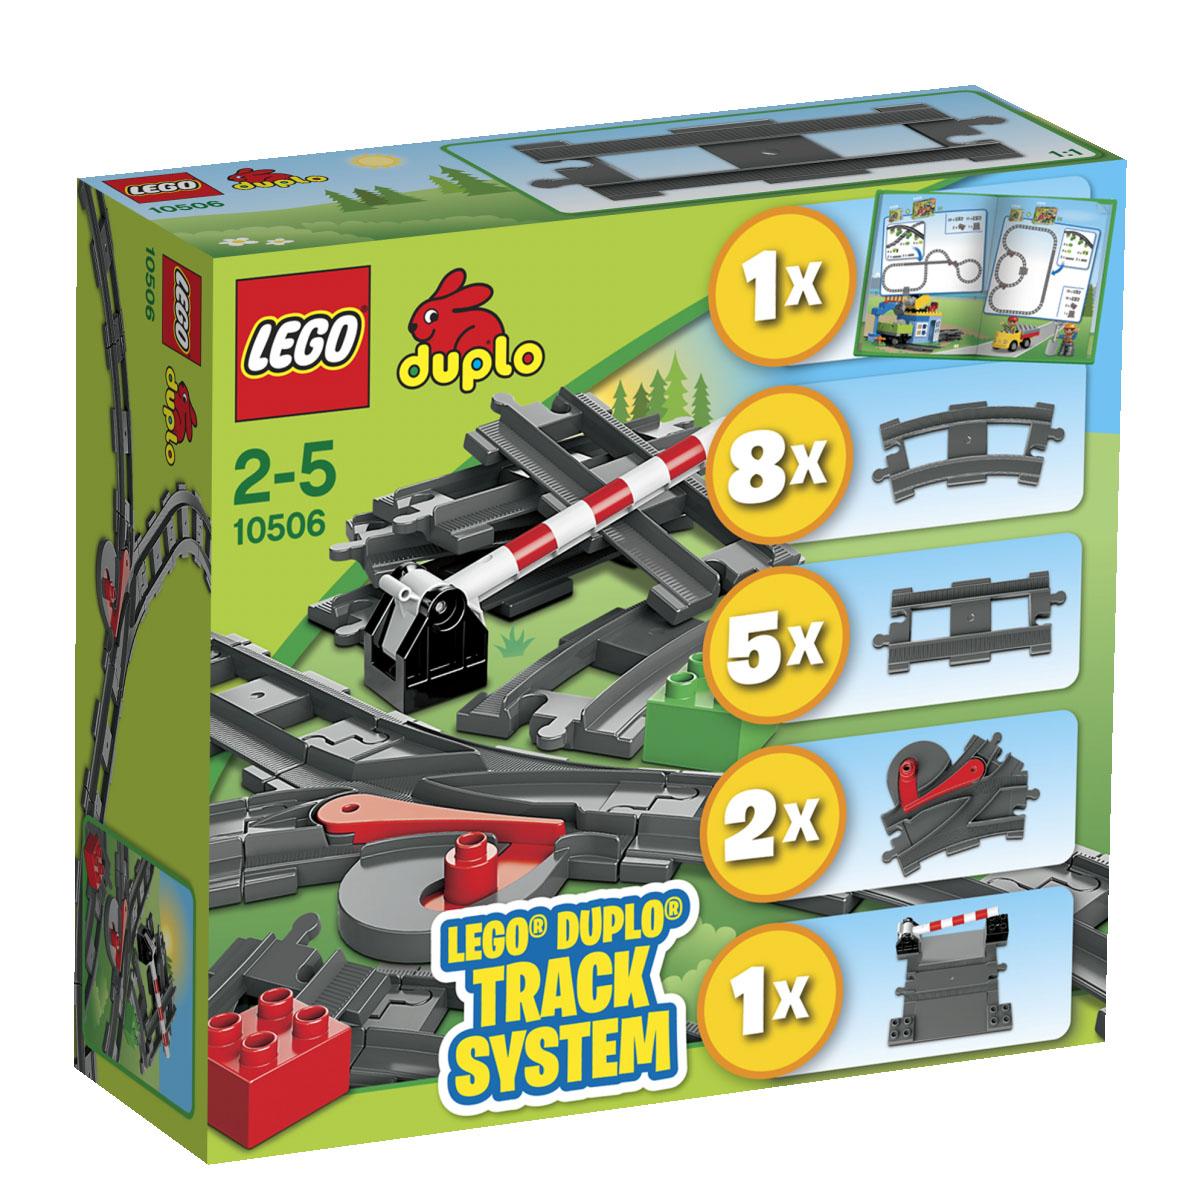 LEGO DUPLO Конструктор Дополнительные элементы для поезда 1050610506Совершите со своим ребенком путешествие на поезде, отправившись в мир безграничных возможностей творчества и игры с дополнительными элементами для поезда LEGO DUPLO! Набор содержит 24 элемента: восемь изогнутых рельсов, два набора стрелок и переезд для создания множества комбинаций путей. Благодаря разнообразным основным и декорированным кубикам DUPLO этот набор дополнительных элементов для поезда является прекрасным дополнением к любой коллекции поездов DUPLO. Конструктор - это один из самых увлекательнейших и веселых способов времяпрепровождения. Ребенок сможет часами играть с конструктором, придумывая различные ситуации и истории.